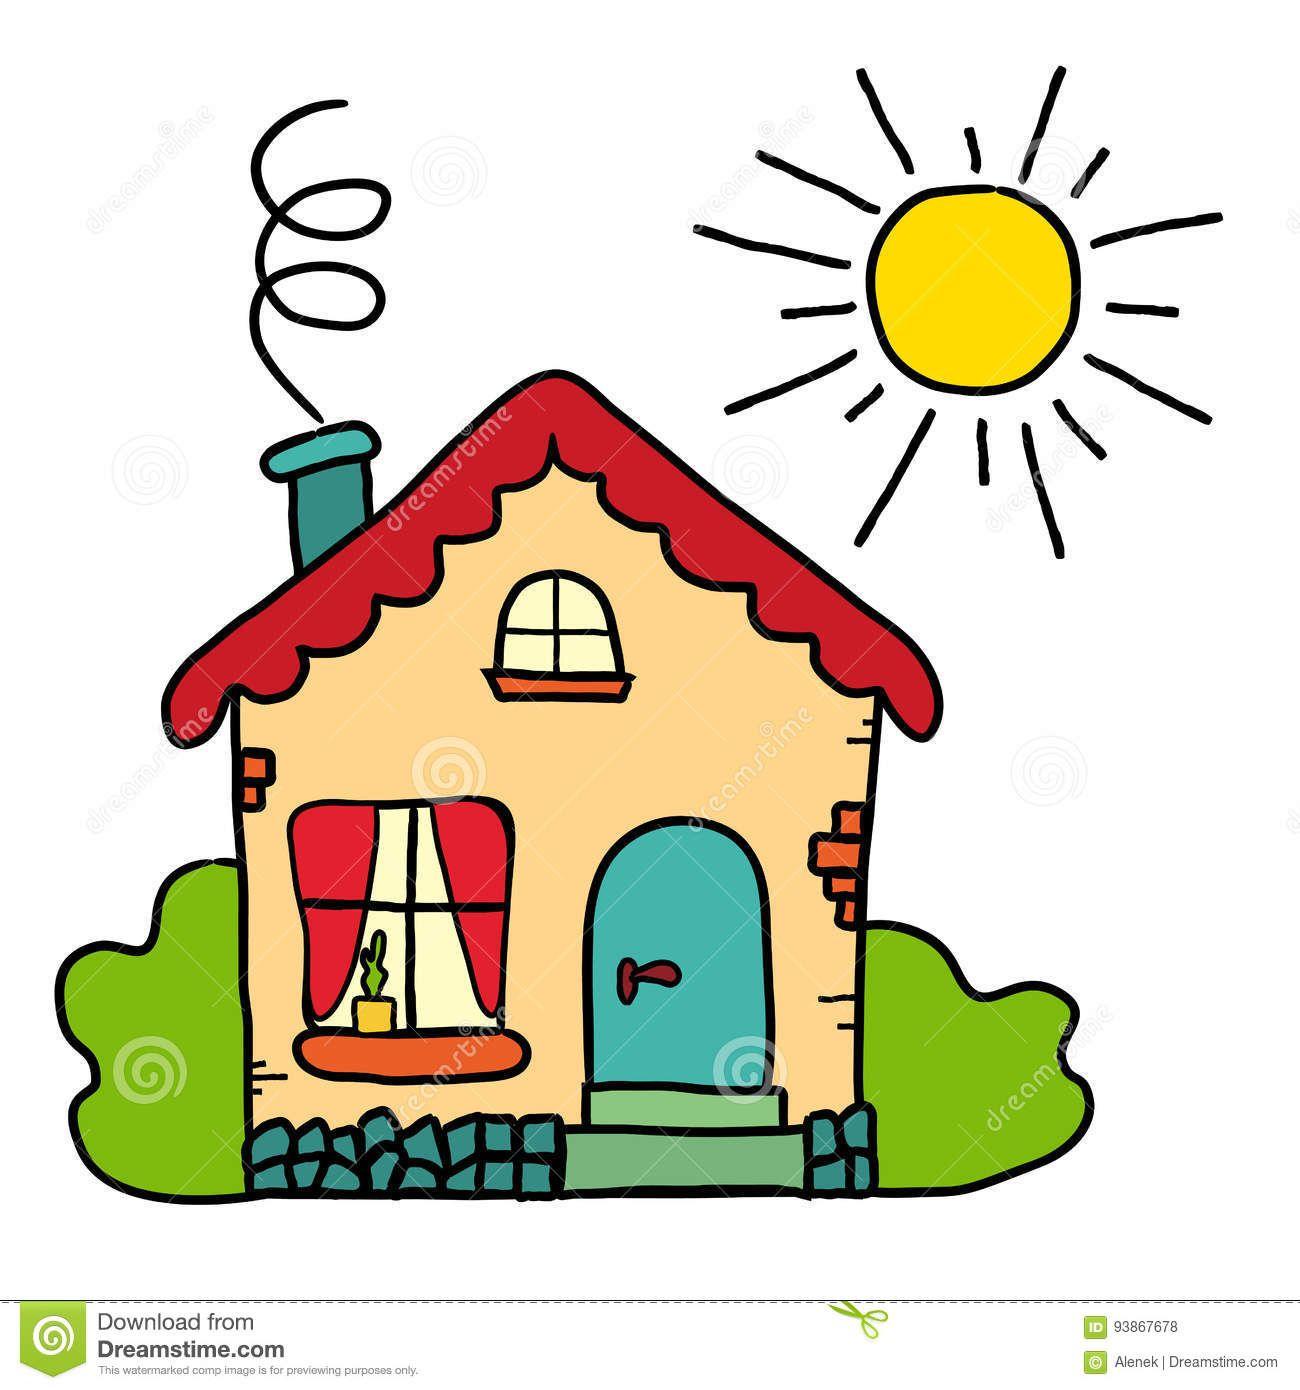 Pin De Raquel Corbella En Obrazky Kresbicky Dibujo De Casa Dibujos De Casas Infantiles Ninos Artisticos